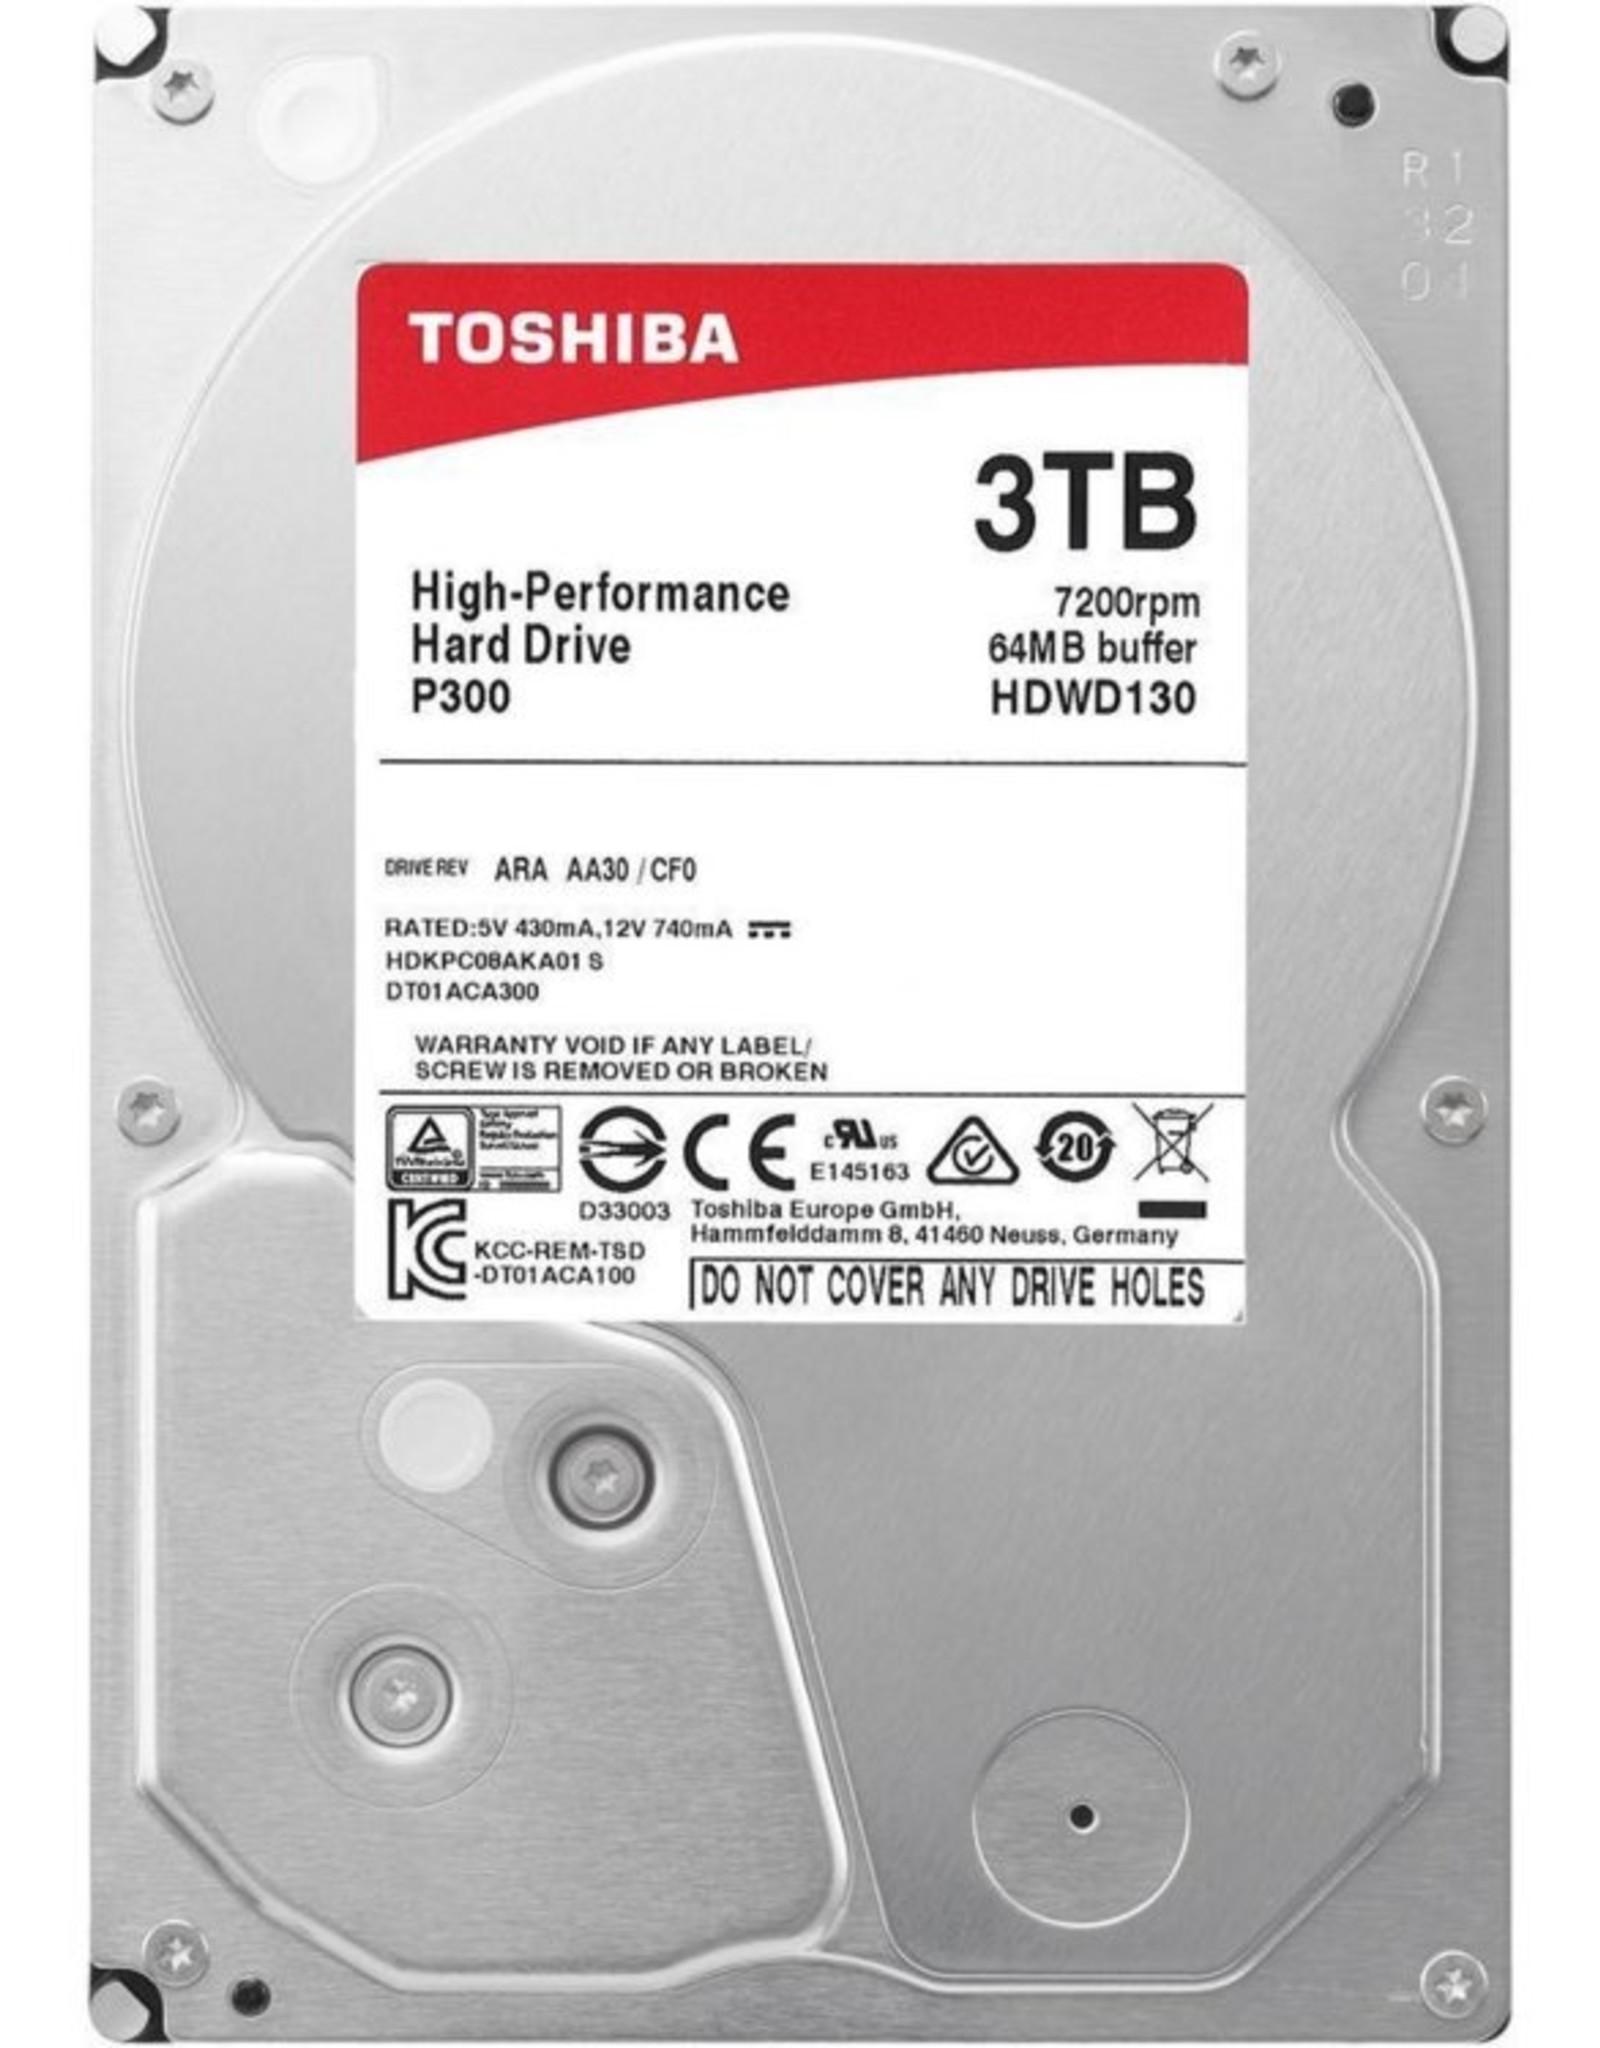 HDD  P300 3TB  - 3.5inch - 7200RPM - 64MB - SATA3